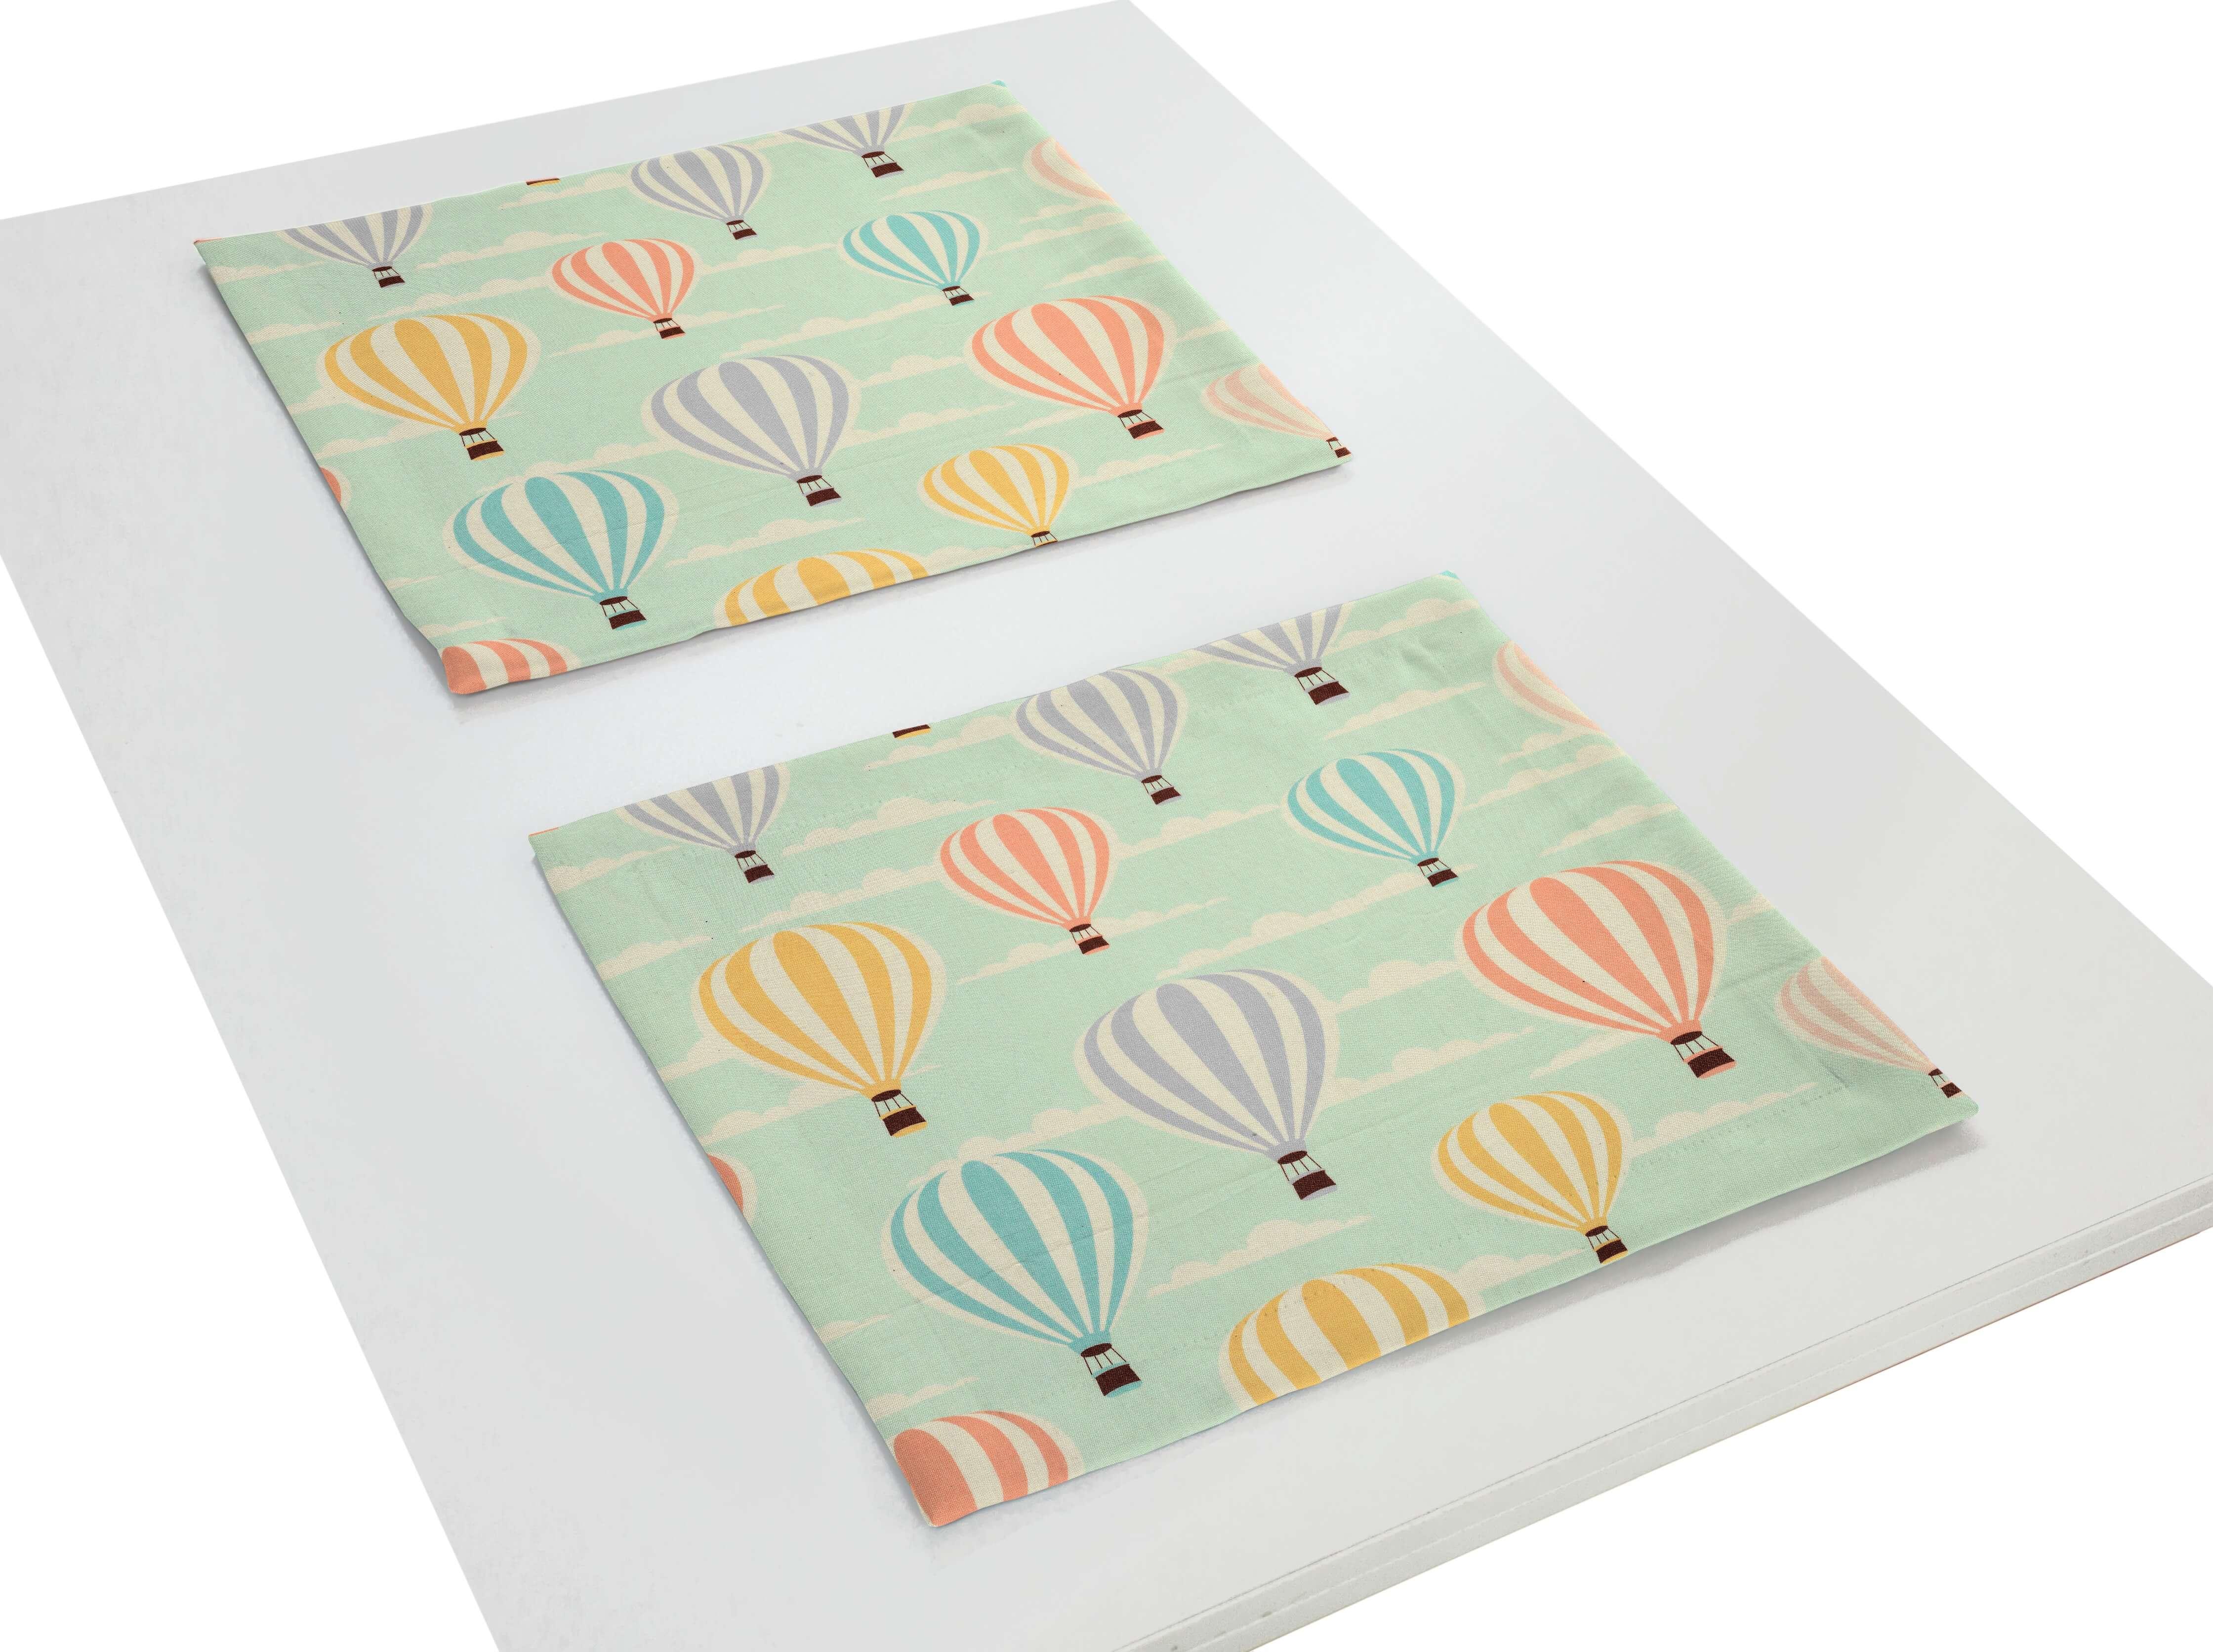 Kinder-Tischset 'Balloons' (2er Set)